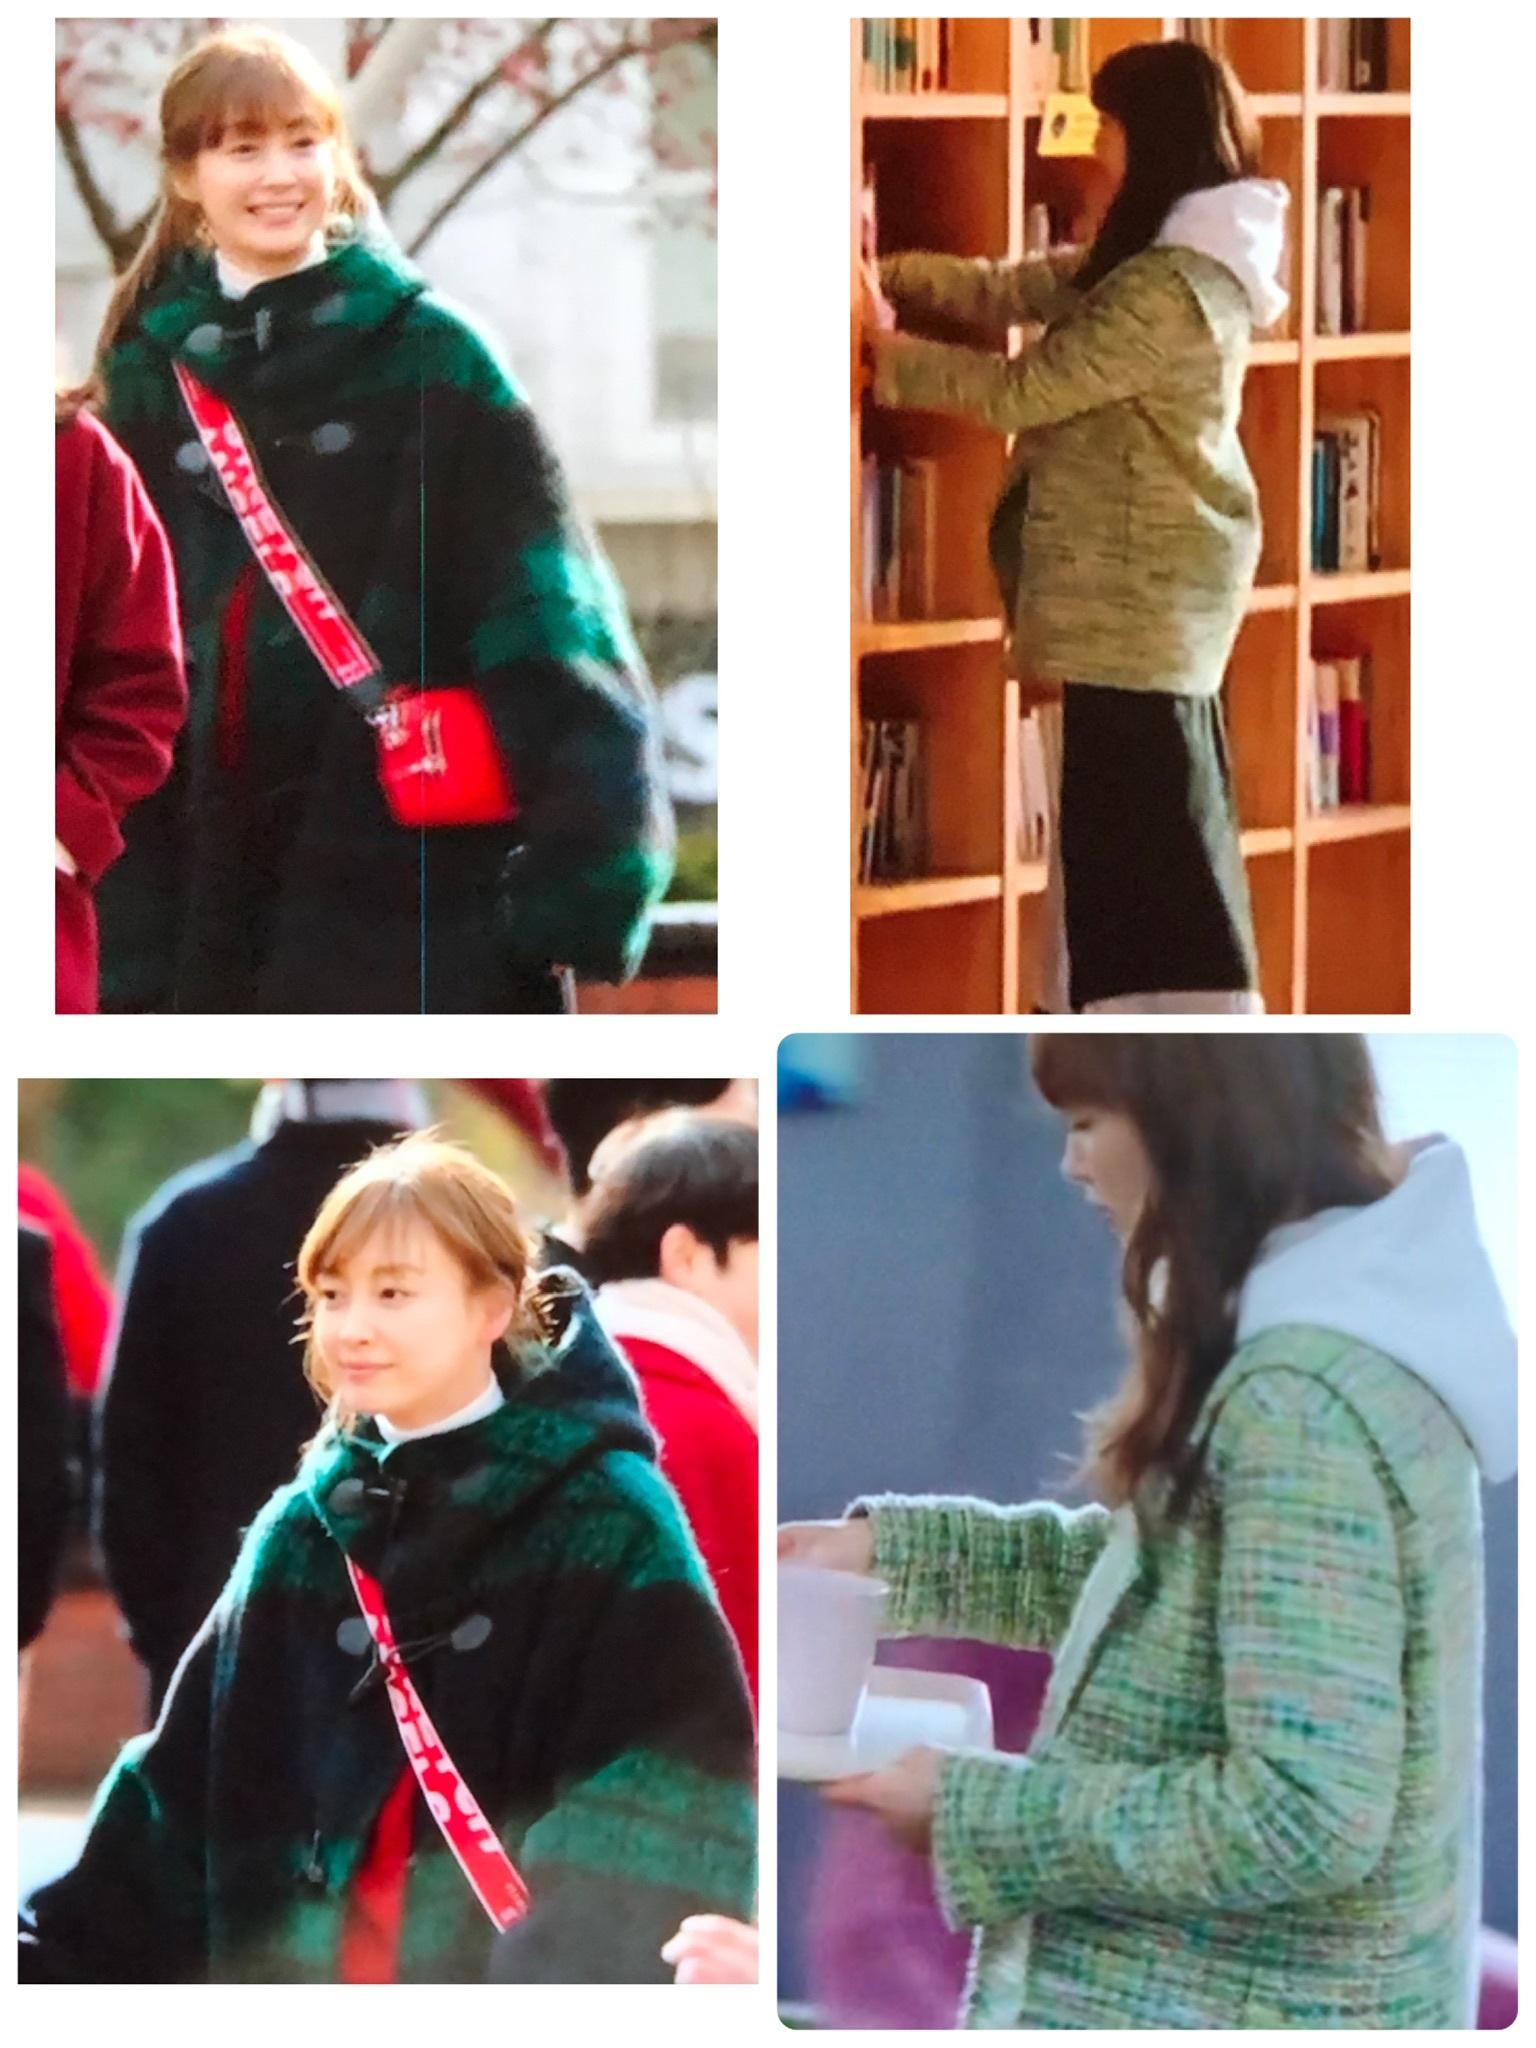 韓国ドラマで観るファッション③_a0213806_23275650.jpeg